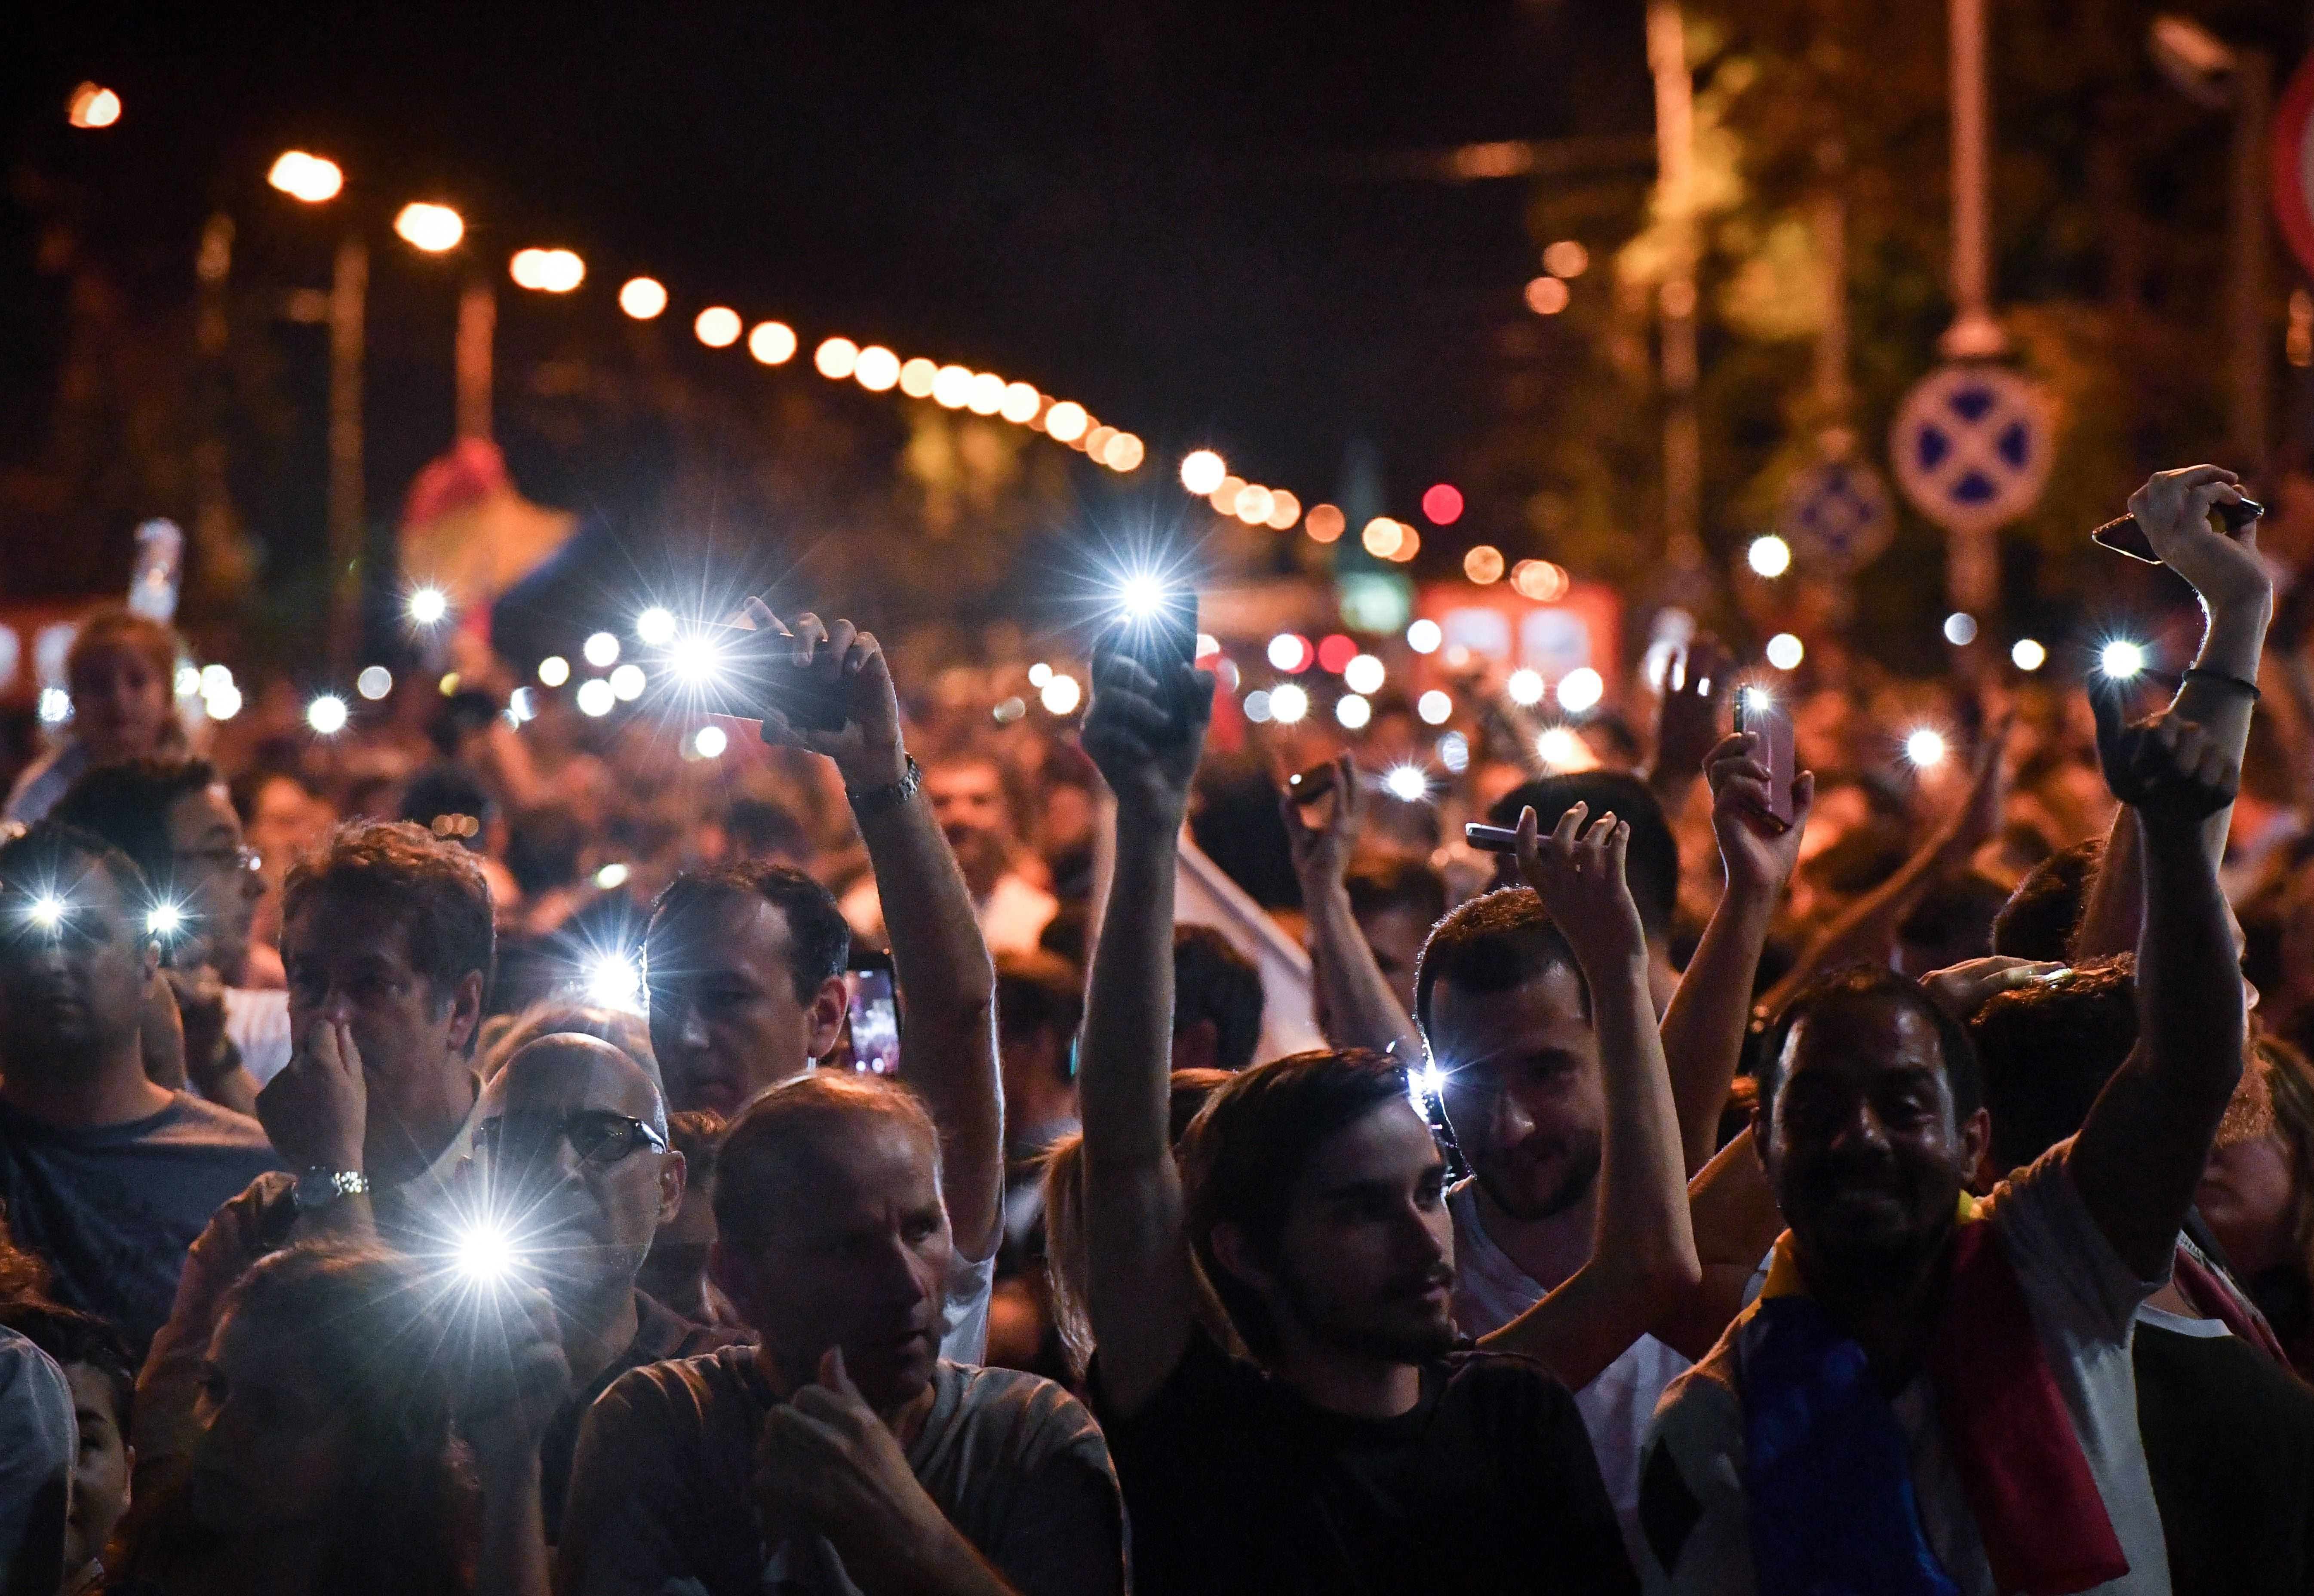 جانب من الاحتجاجات فى رومانيا